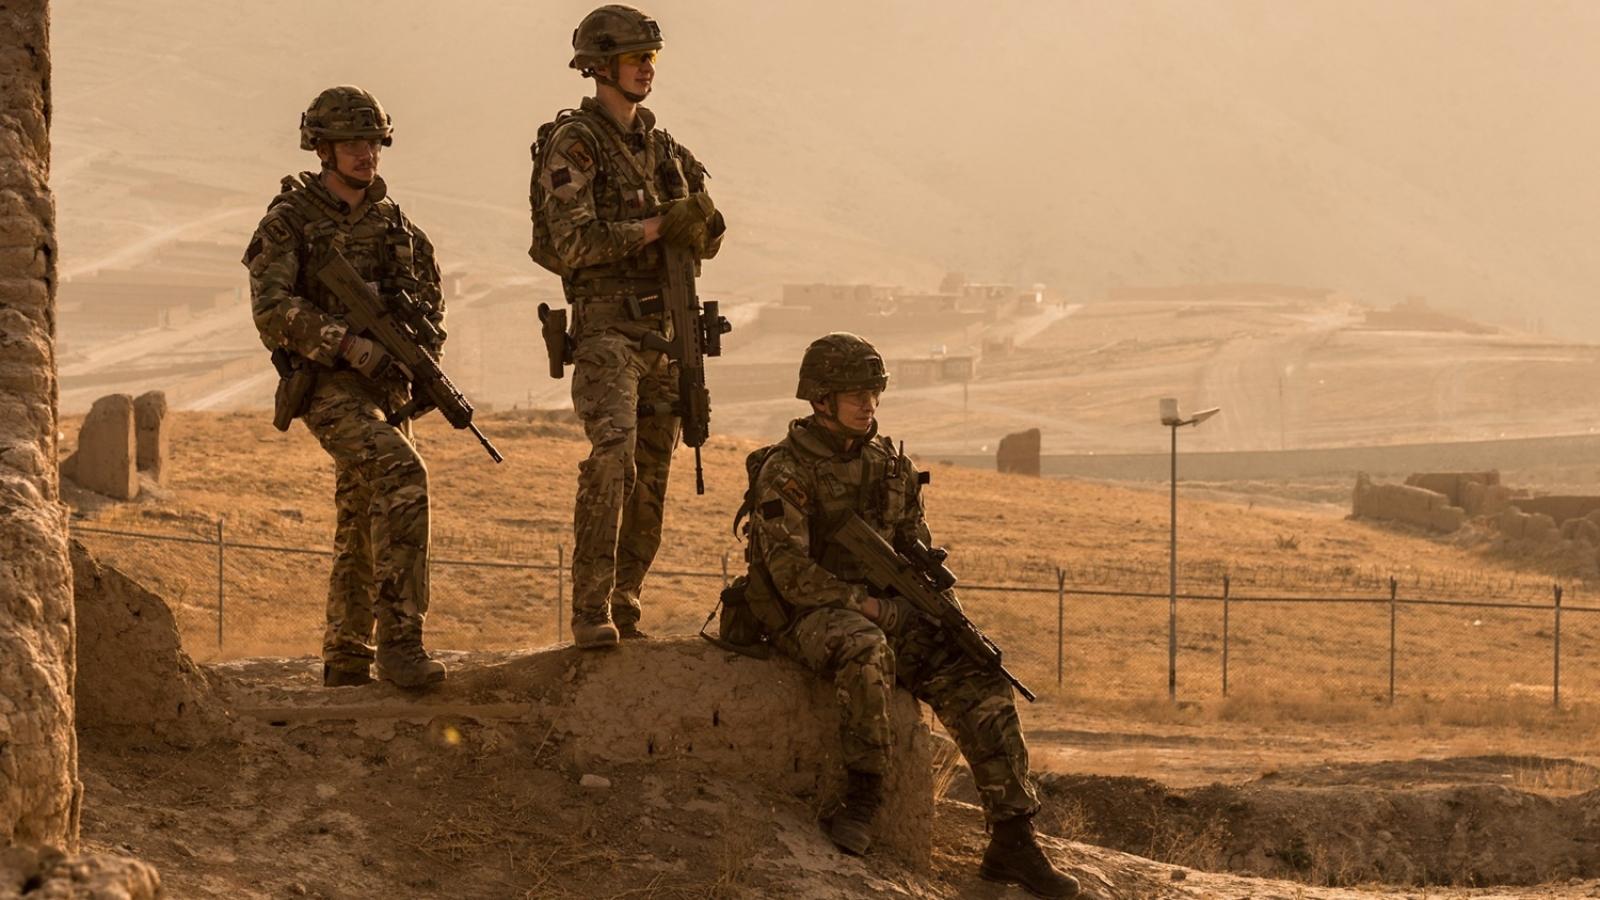 Anh chỉ trích thỏa thuận của Mỹ với Taliban về việc rút quân khỏi Afghanistan